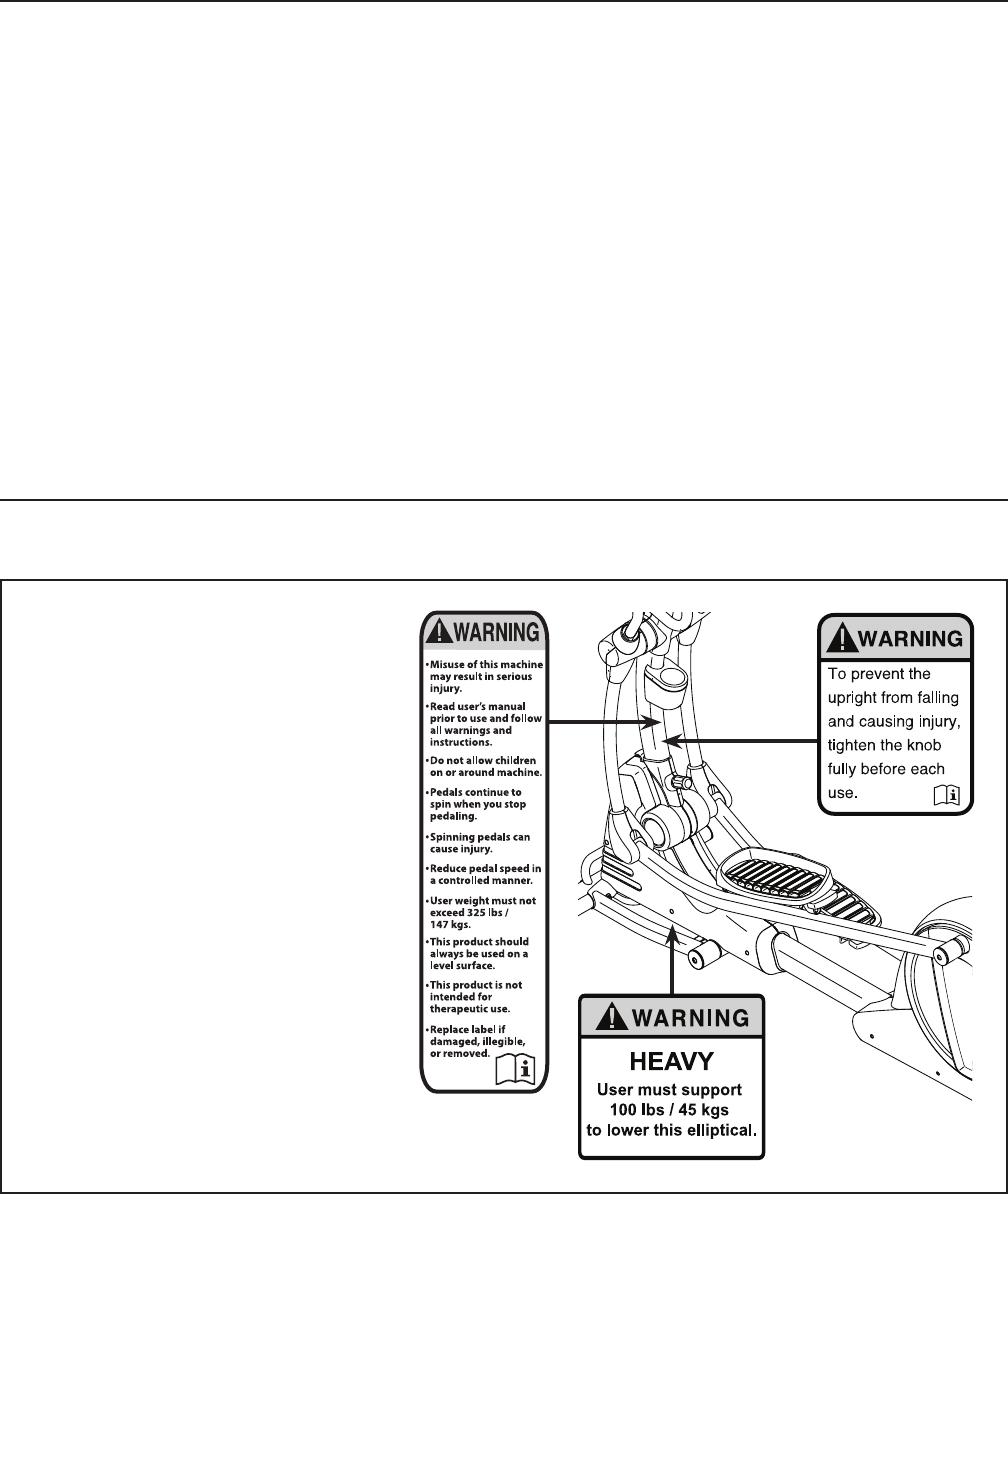 Handleiding Pro Form Smart Strider 935 Pfel19914 Pagina 1 Van 36 Proform Treadmill Wiring Diagram 2